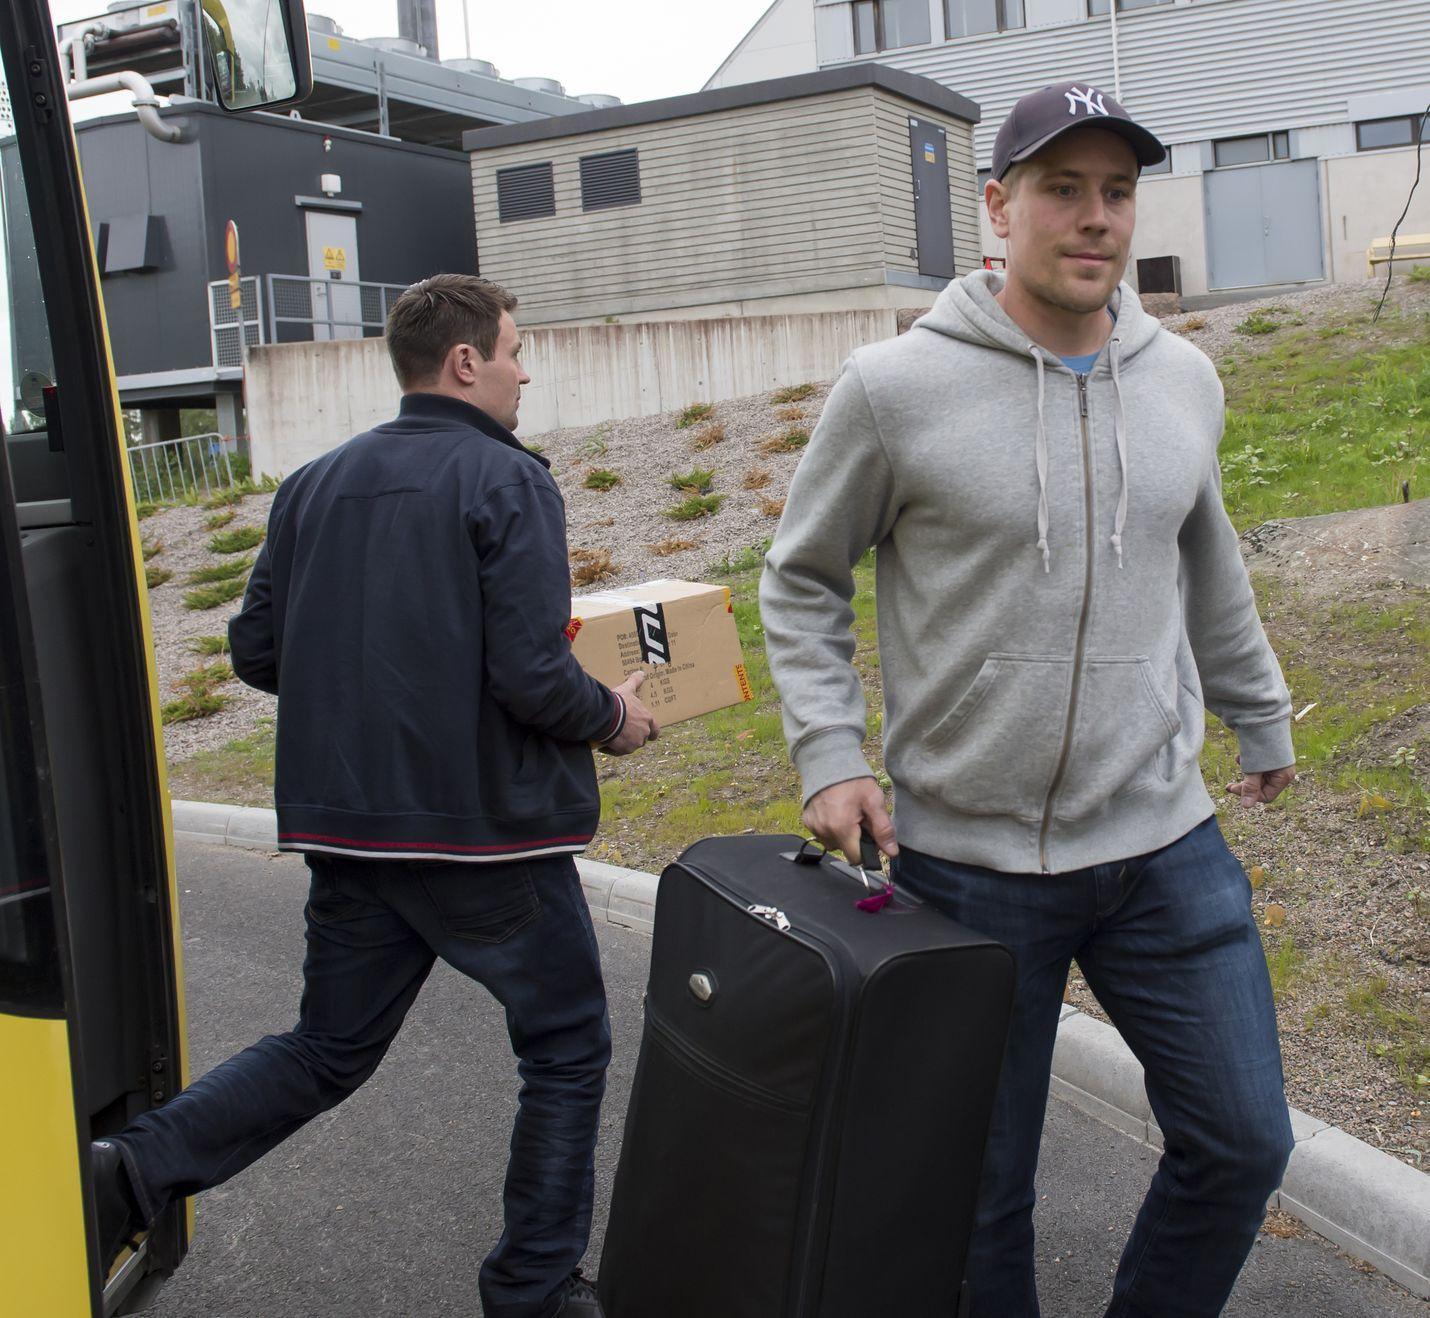 Ilveksestä Lukkoon siirtynyt Turo Asplund ja muu Lukko-joukkue viettävät seuraavan viikon Malagan lämmössä.